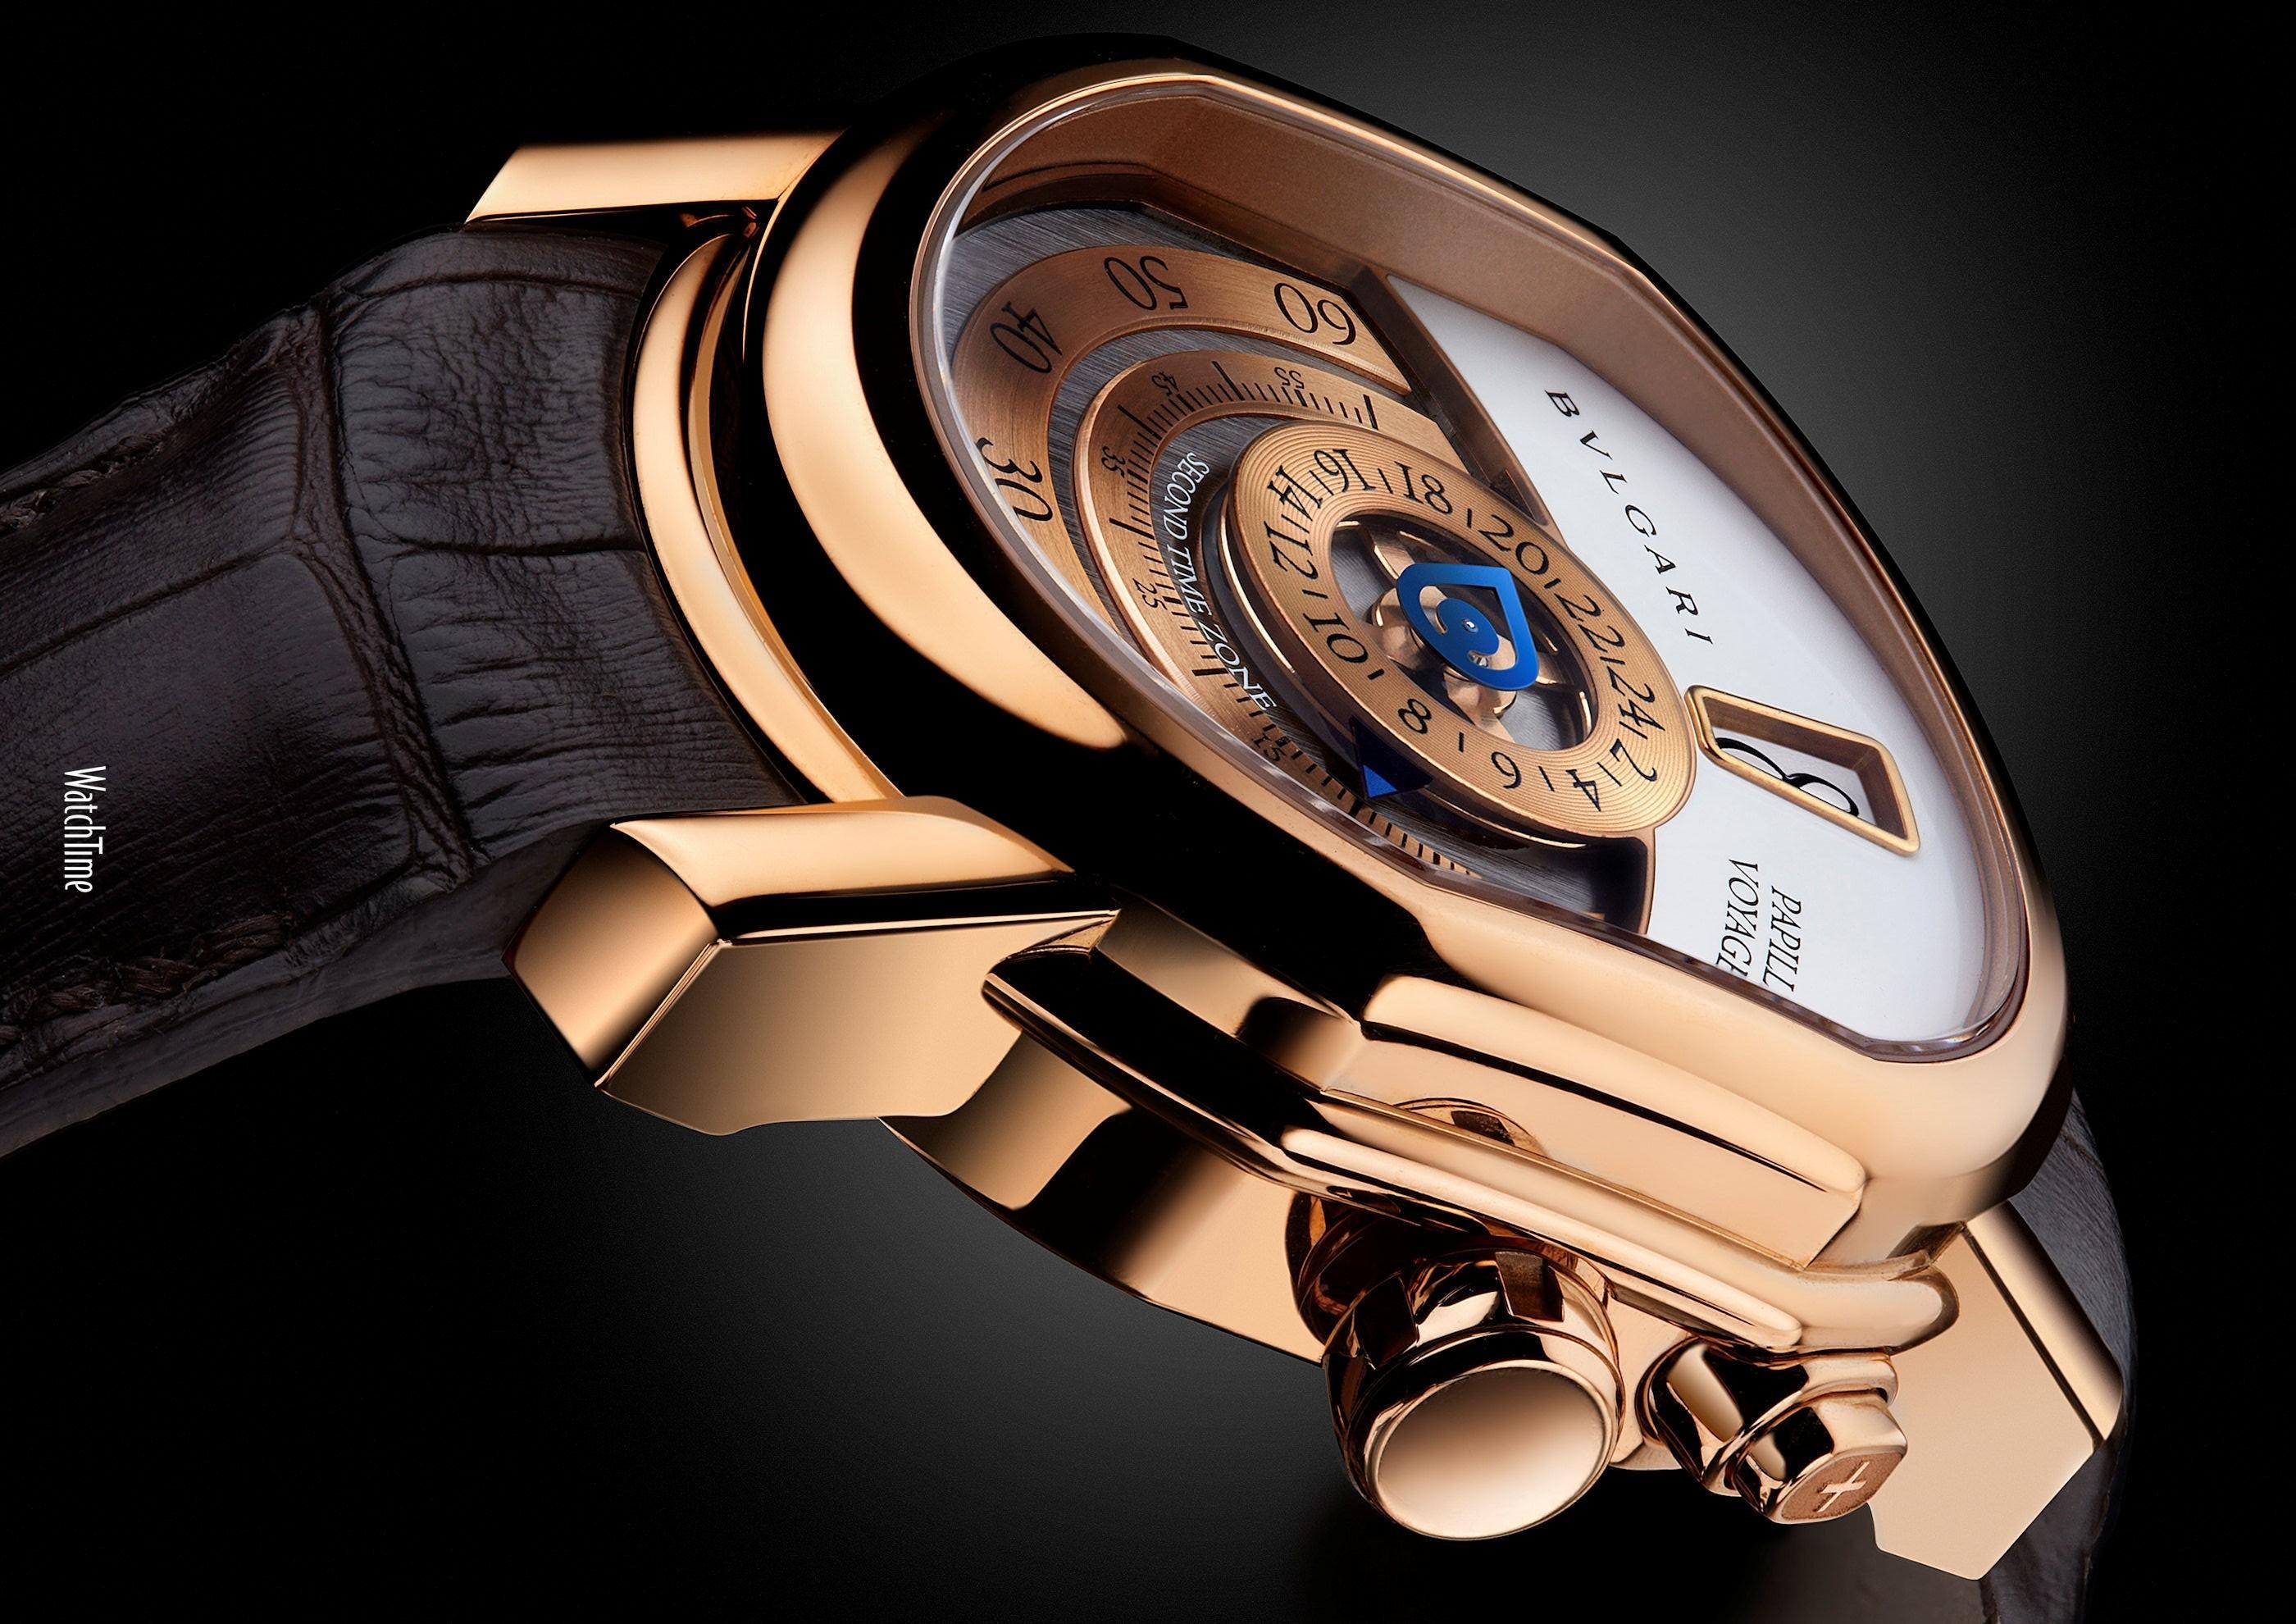 Самые дорогие часы картинка